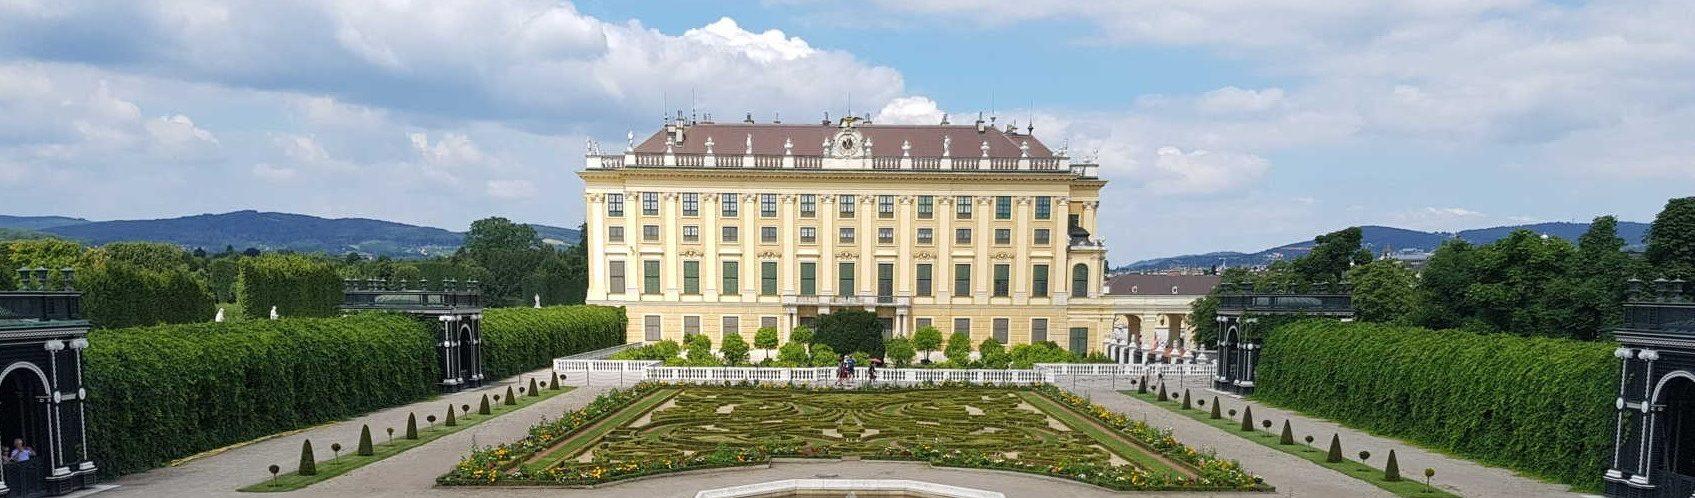 Giardino del principe ereditario di Schonbrunn